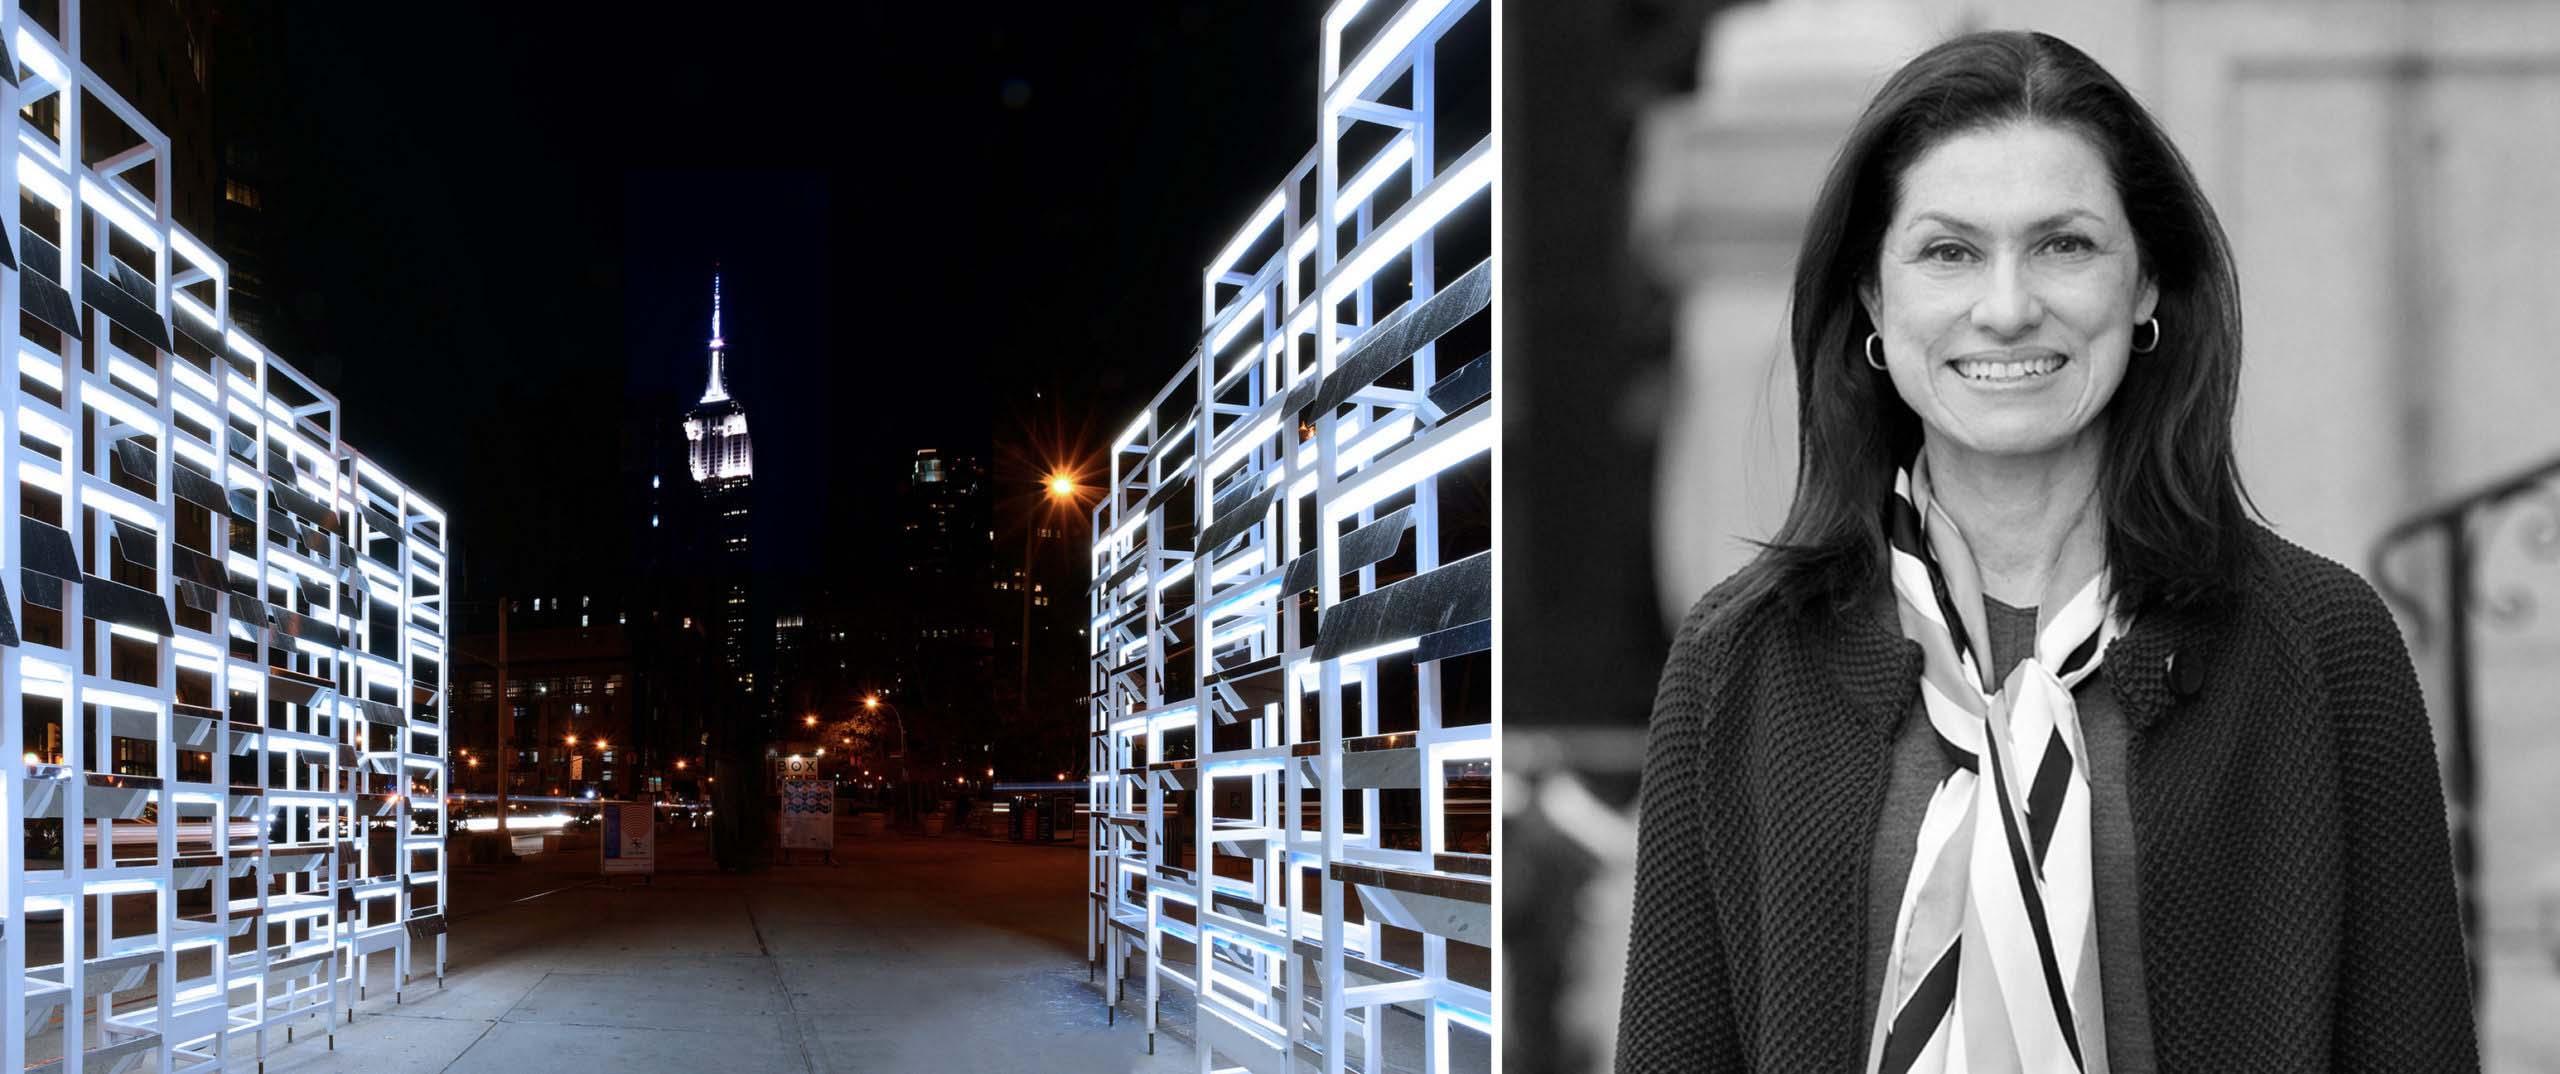 Trái: New York Light, New York, NY; Phải: Suzan Tillotson của Trường Cao đẳng Nghệ thuật và Thiết kế LSU